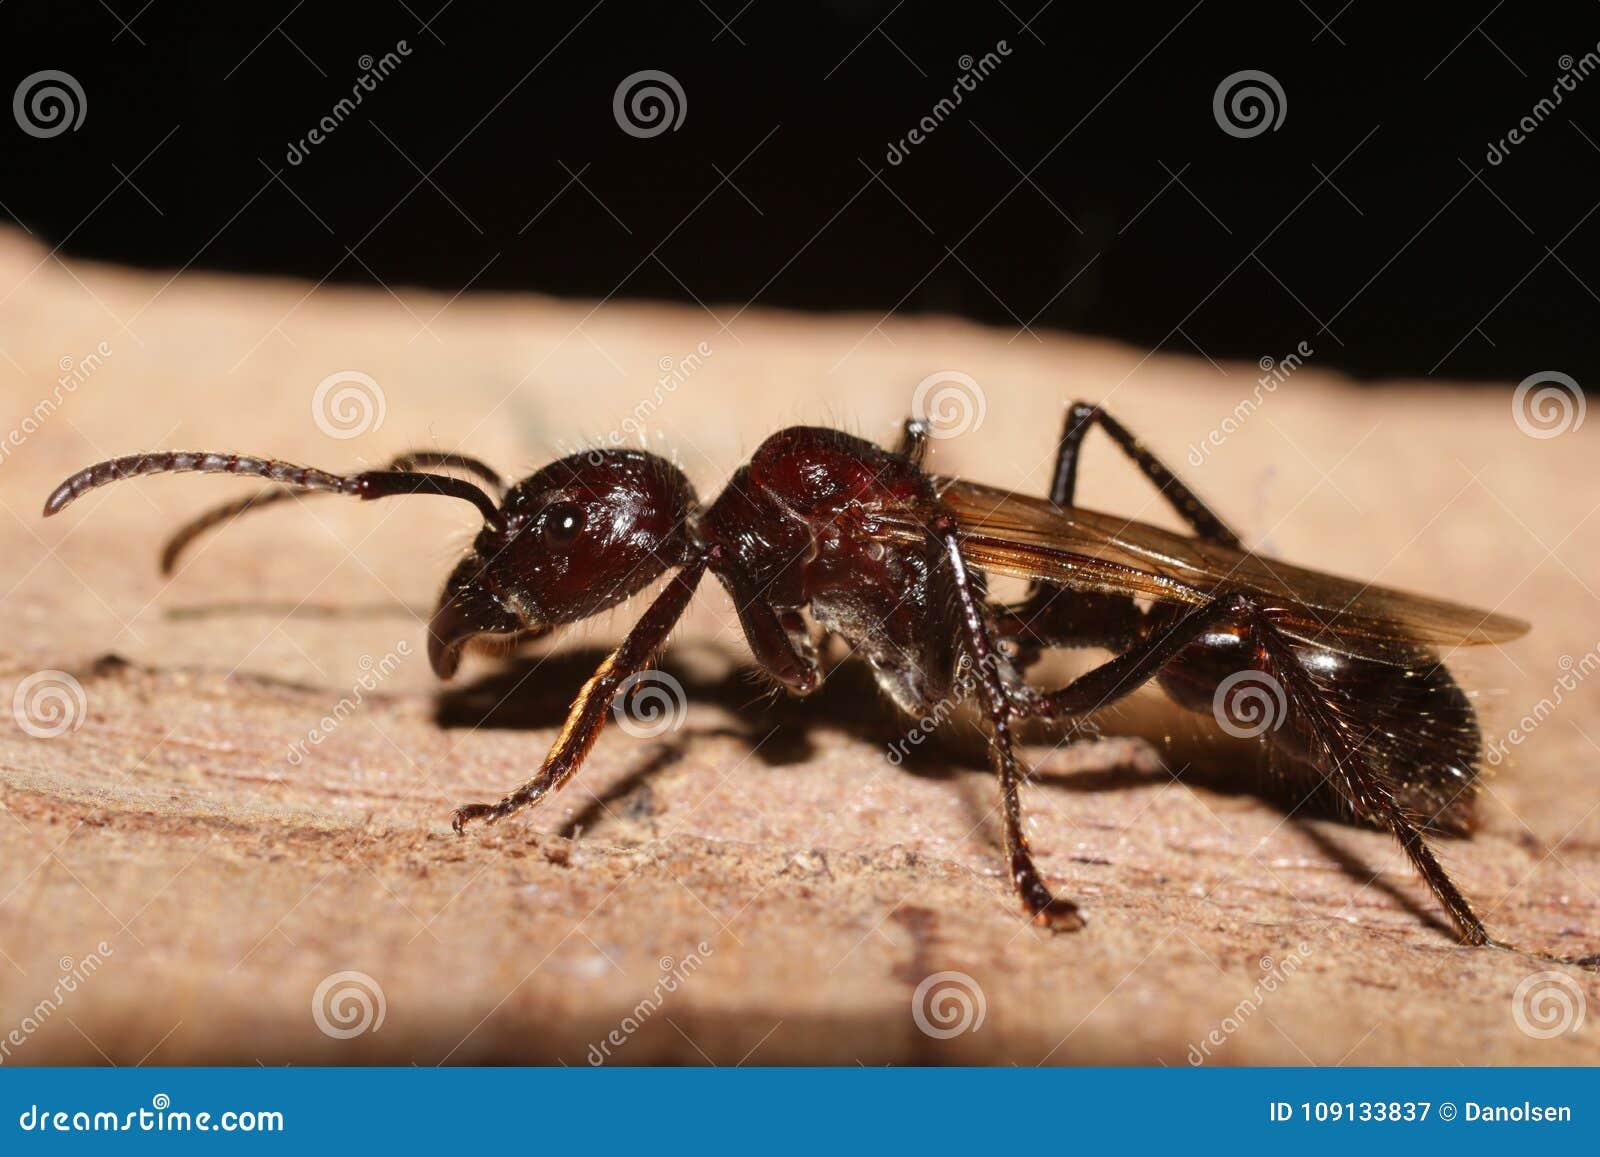 Formiga da bala, inseto real do assassino com picada extremamente poderoso